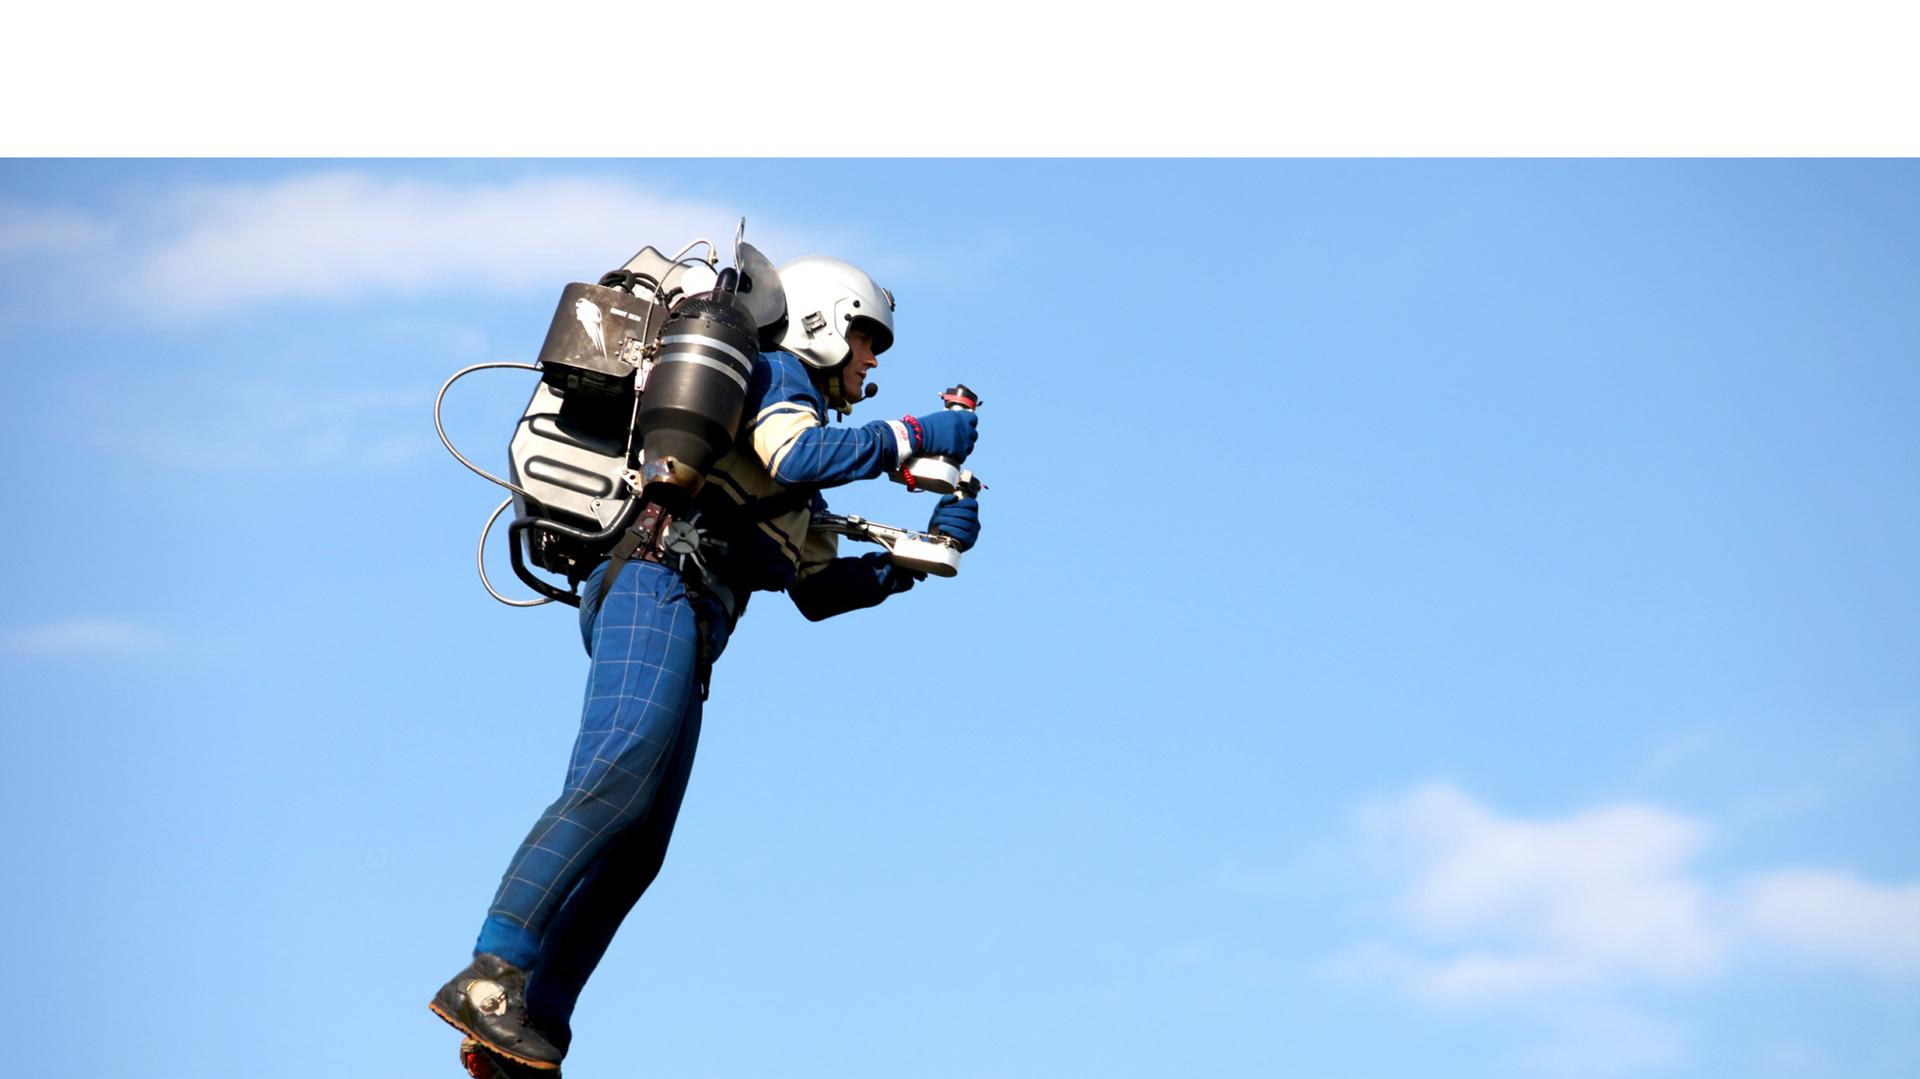 La mochila voladora JetPack JB-9 tiene el potencial de volar a más de 3 mil metros de altura con una velocidad de 160 km por hora